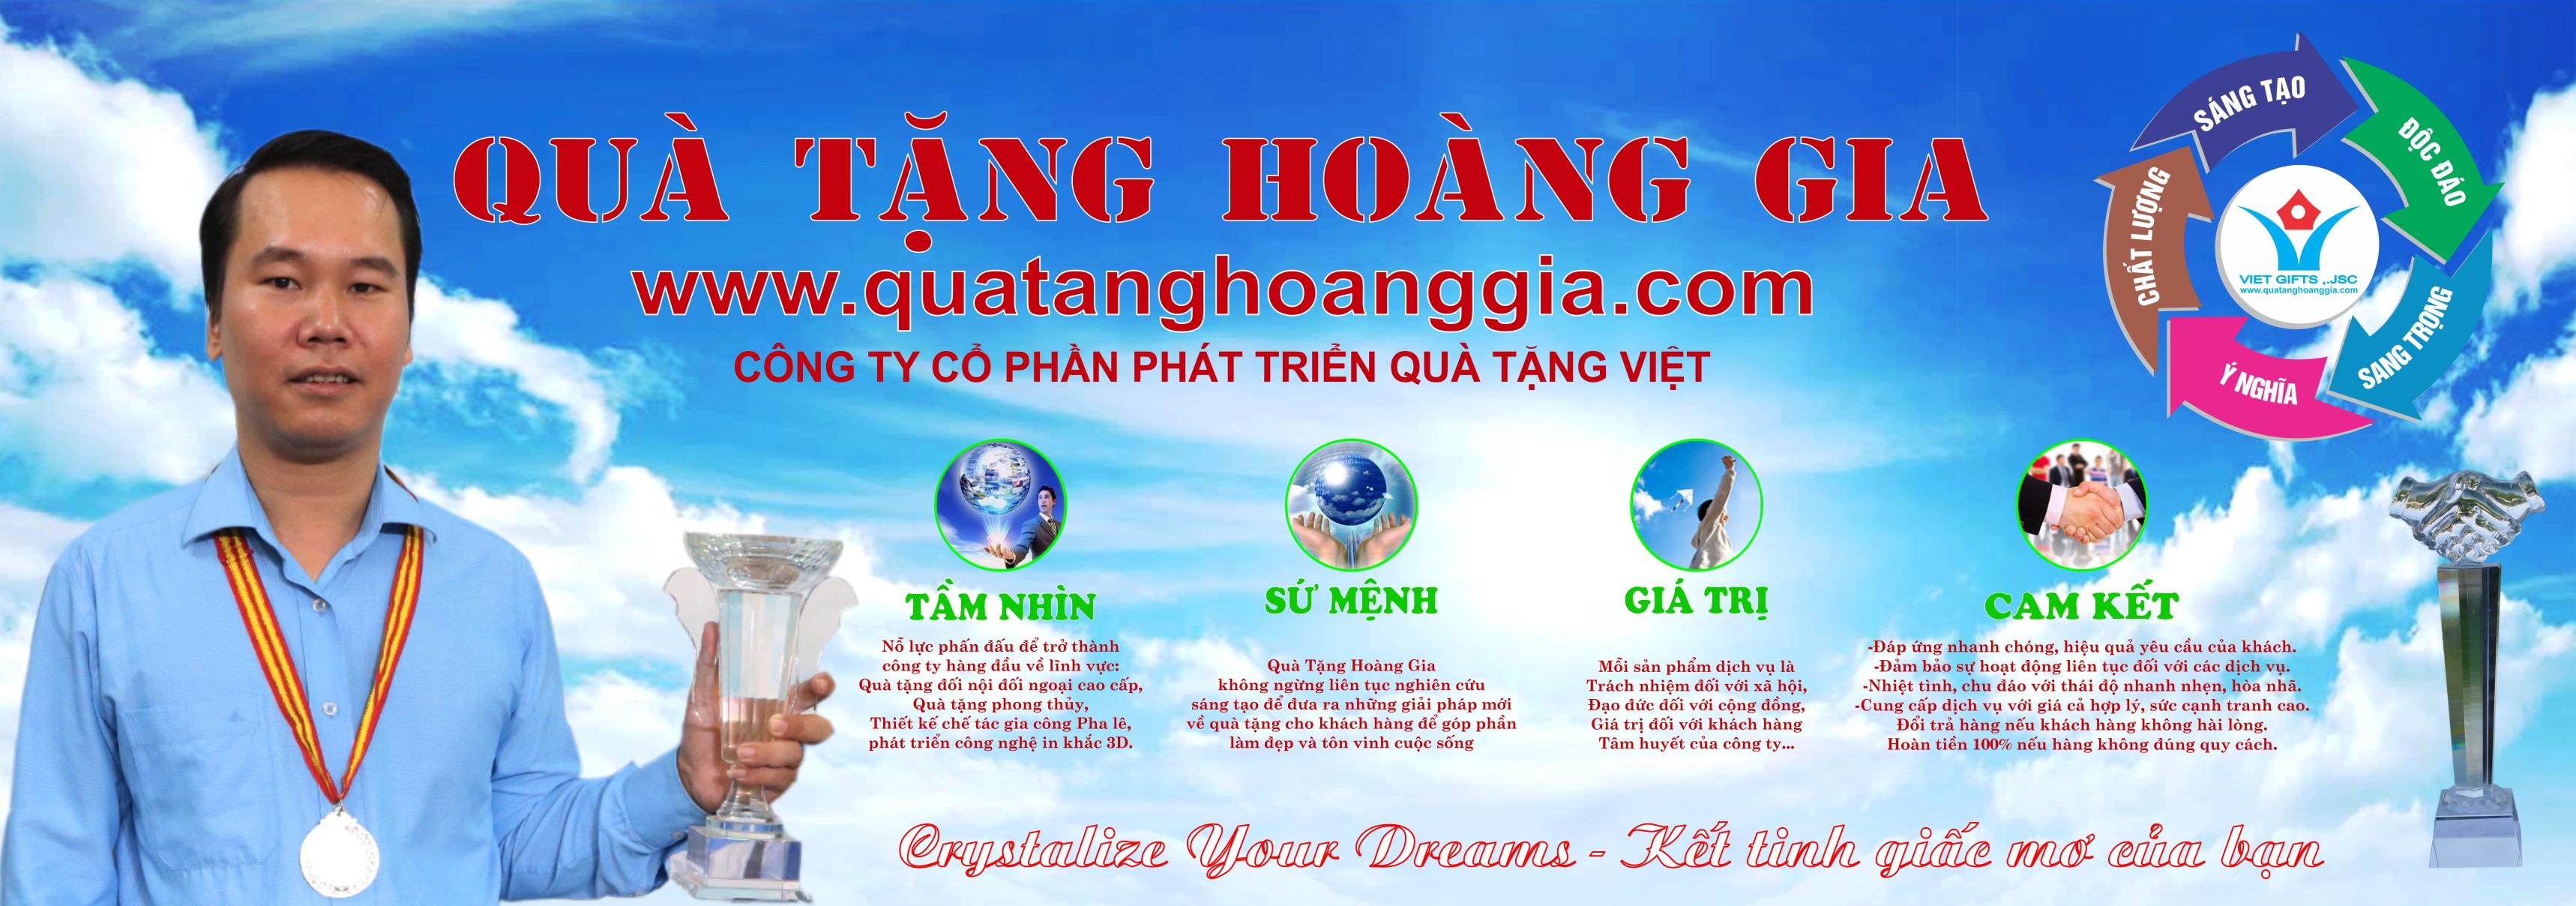 http://quatanghoanggia.com/tin-tuc